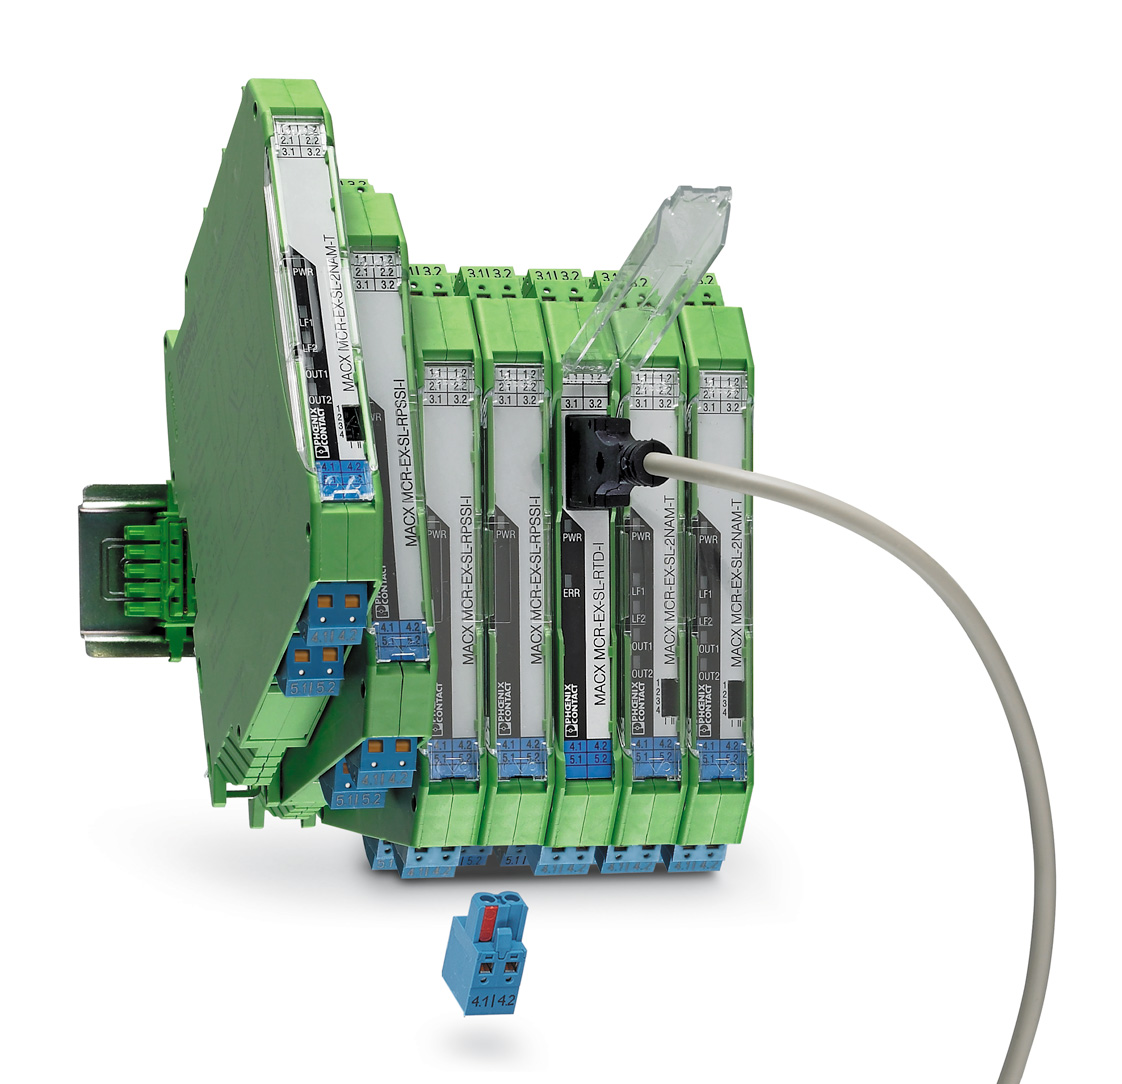 Преобразователи сигналов и барьеры искрозащиты MACX Analog с уровнем функциональной безопасности до SIL3 и максимальной взрывозащитой вида Ex [ia]